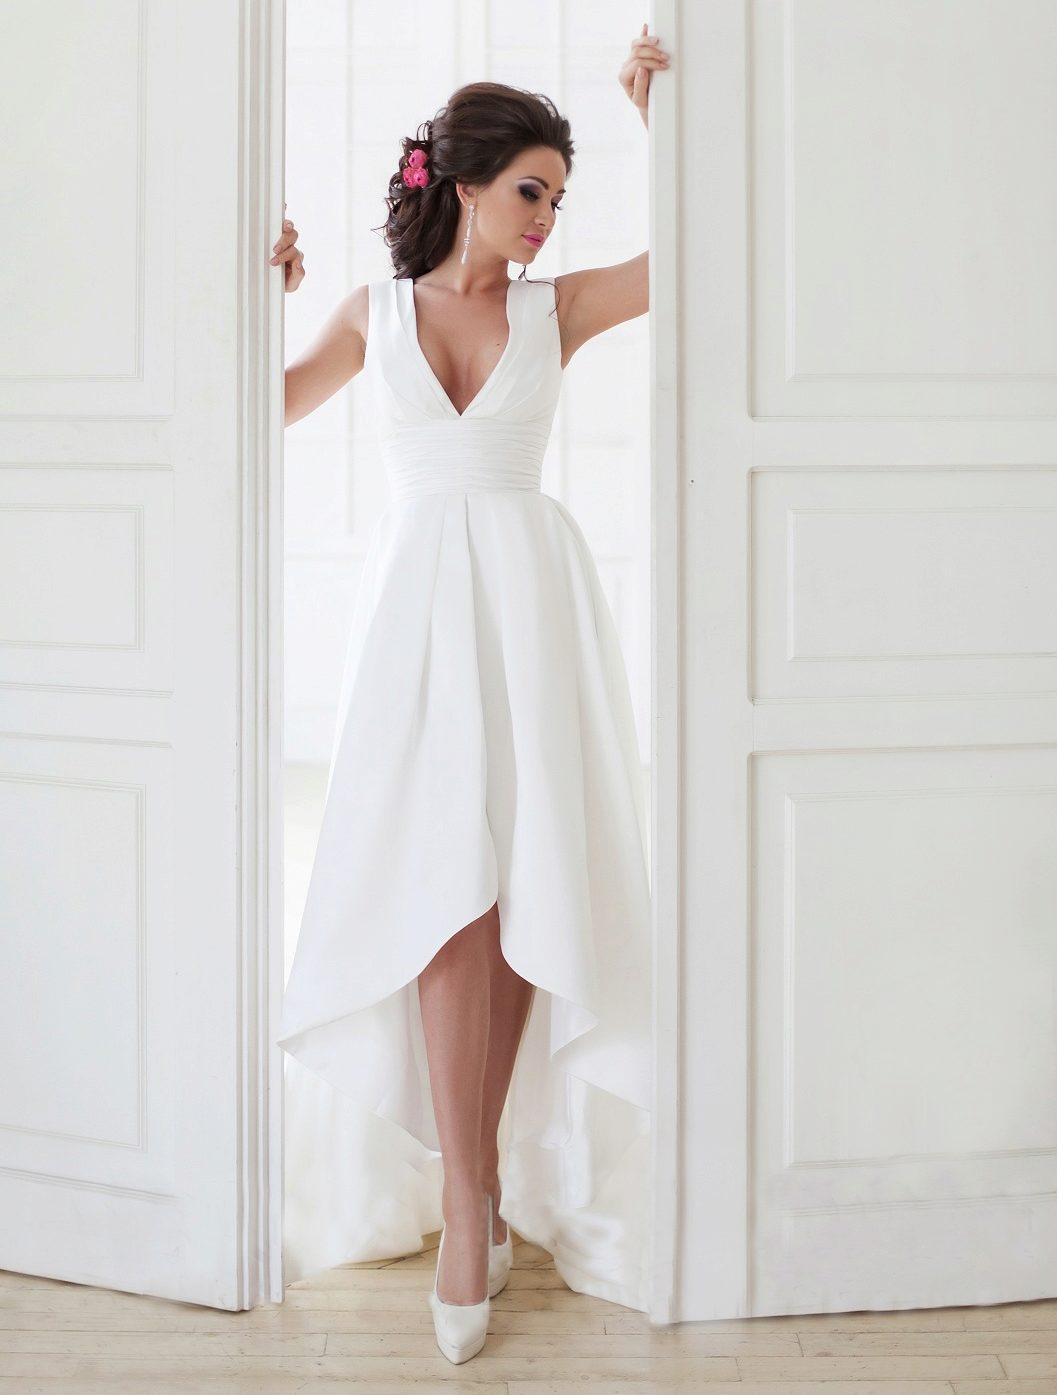 Где Можно Купить Красивые Платья